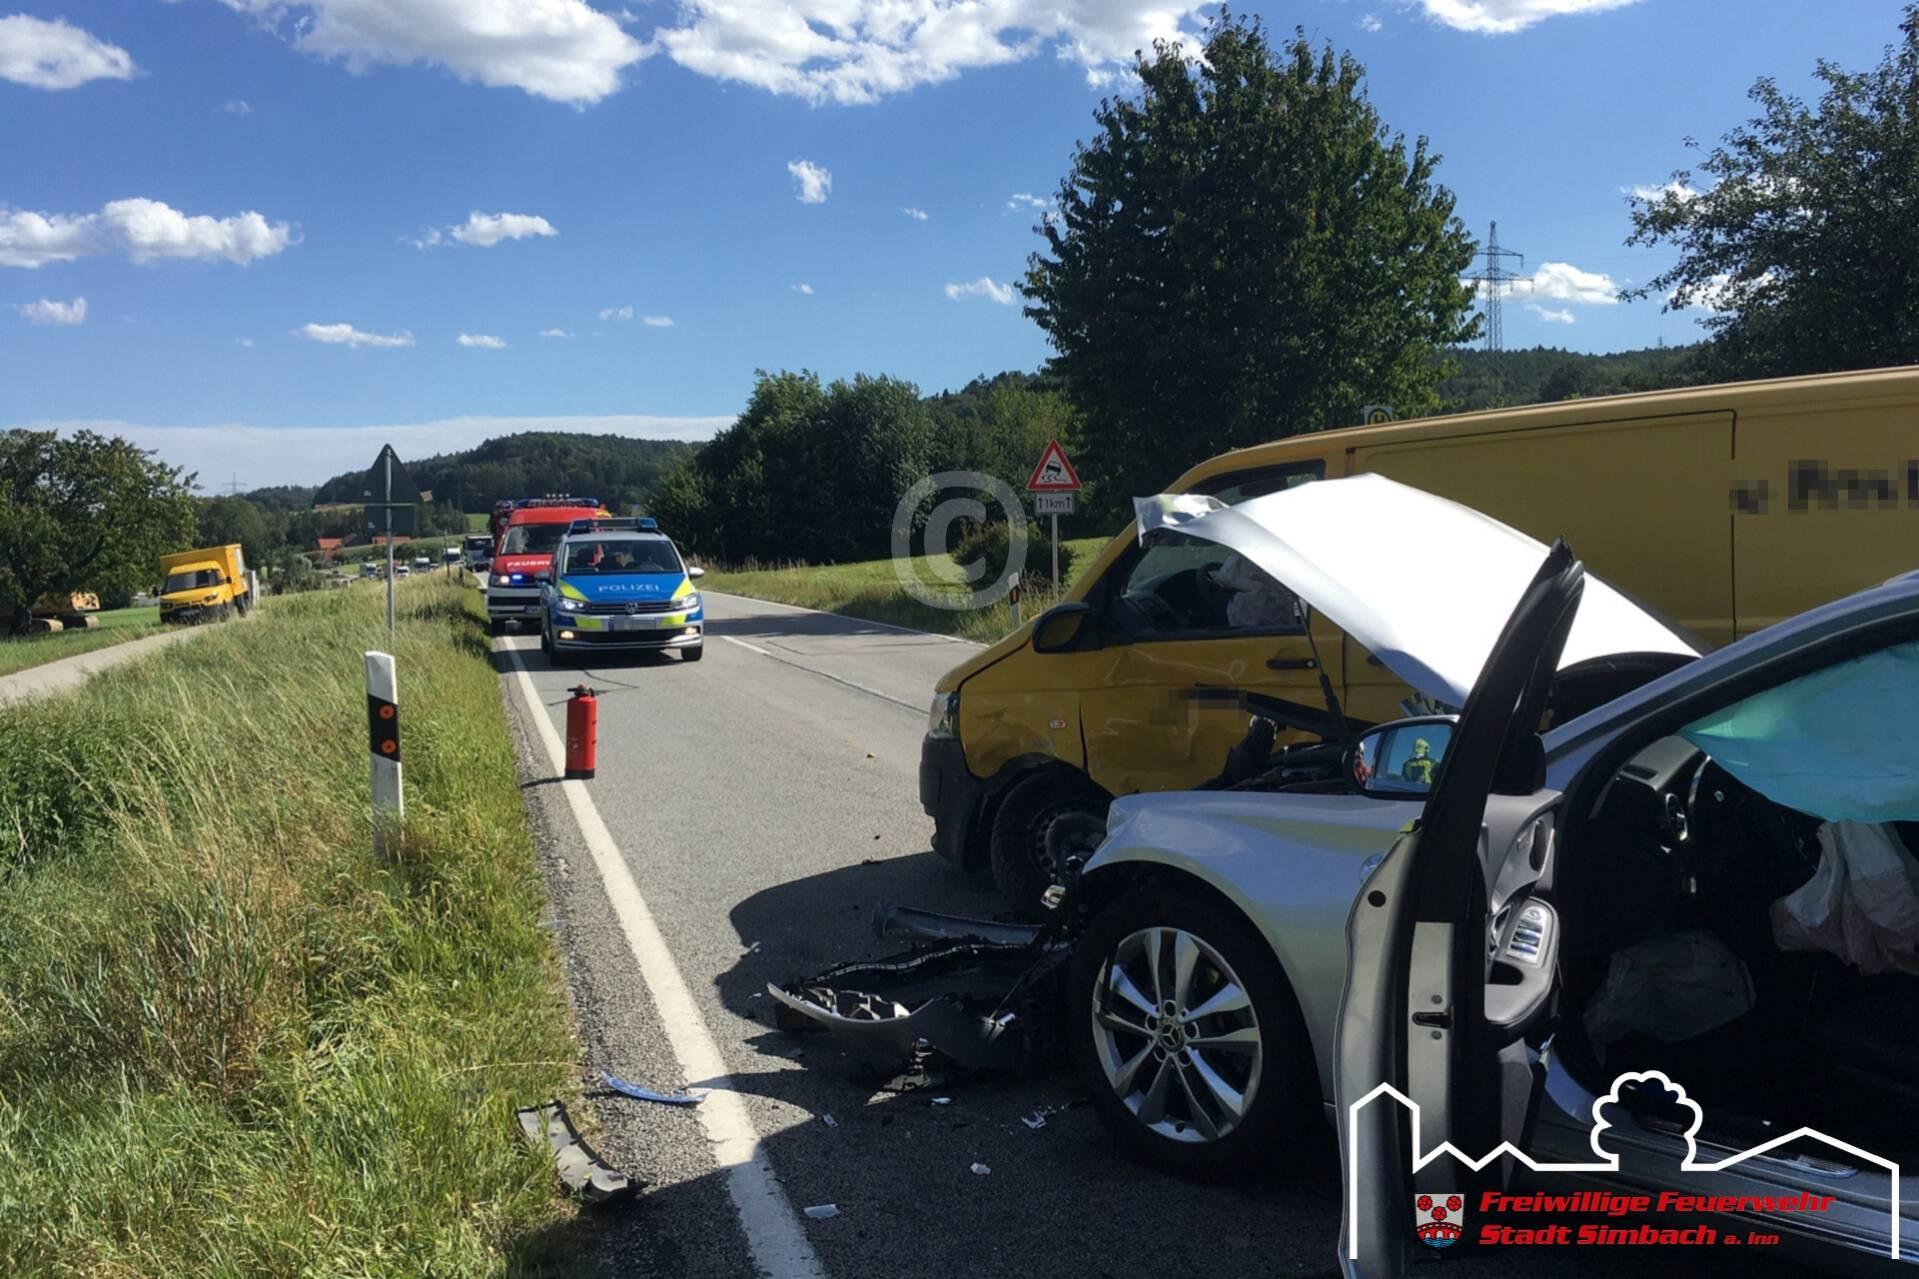 Verkehrsunfall mit zwei PKWs 26.08.2020 (2)